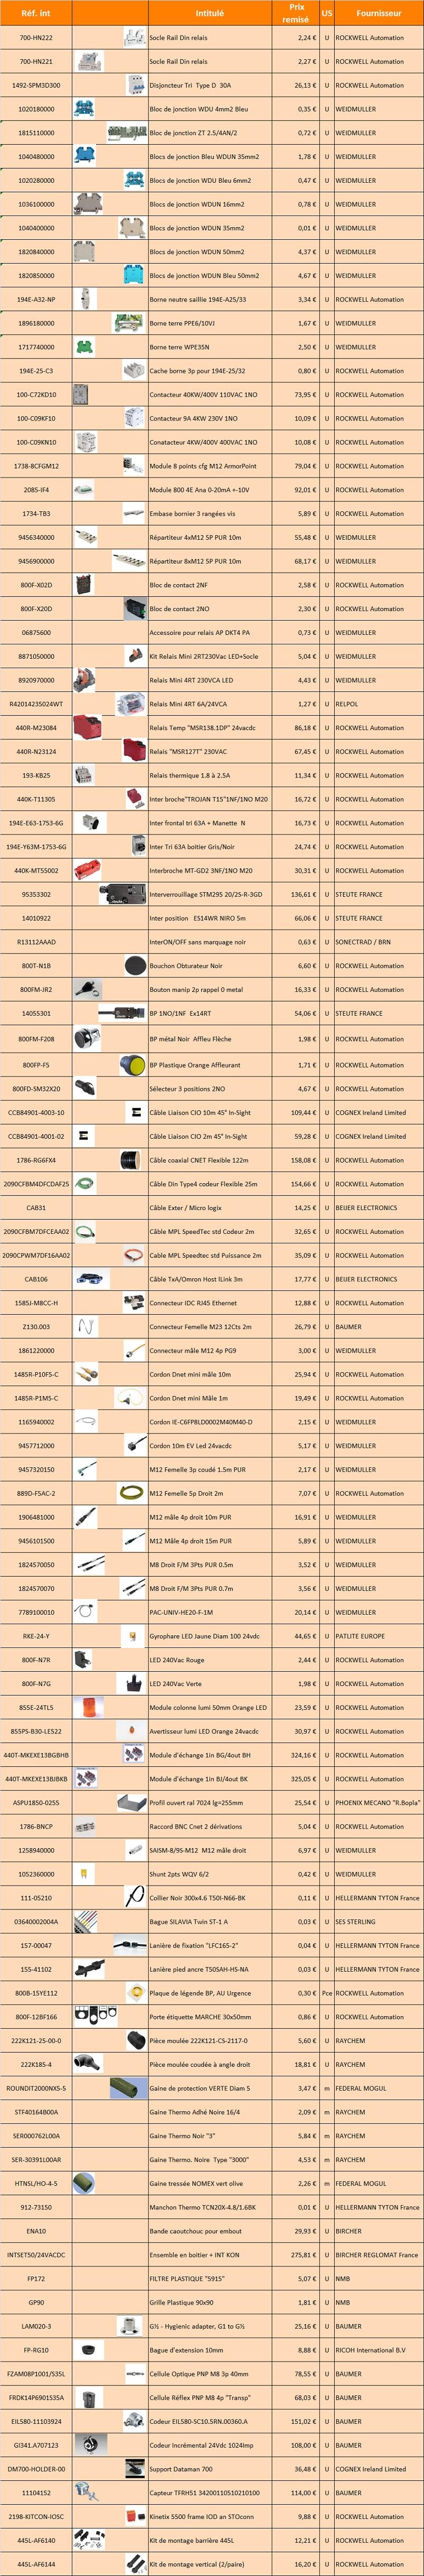 Liste destockage 09092019 V2